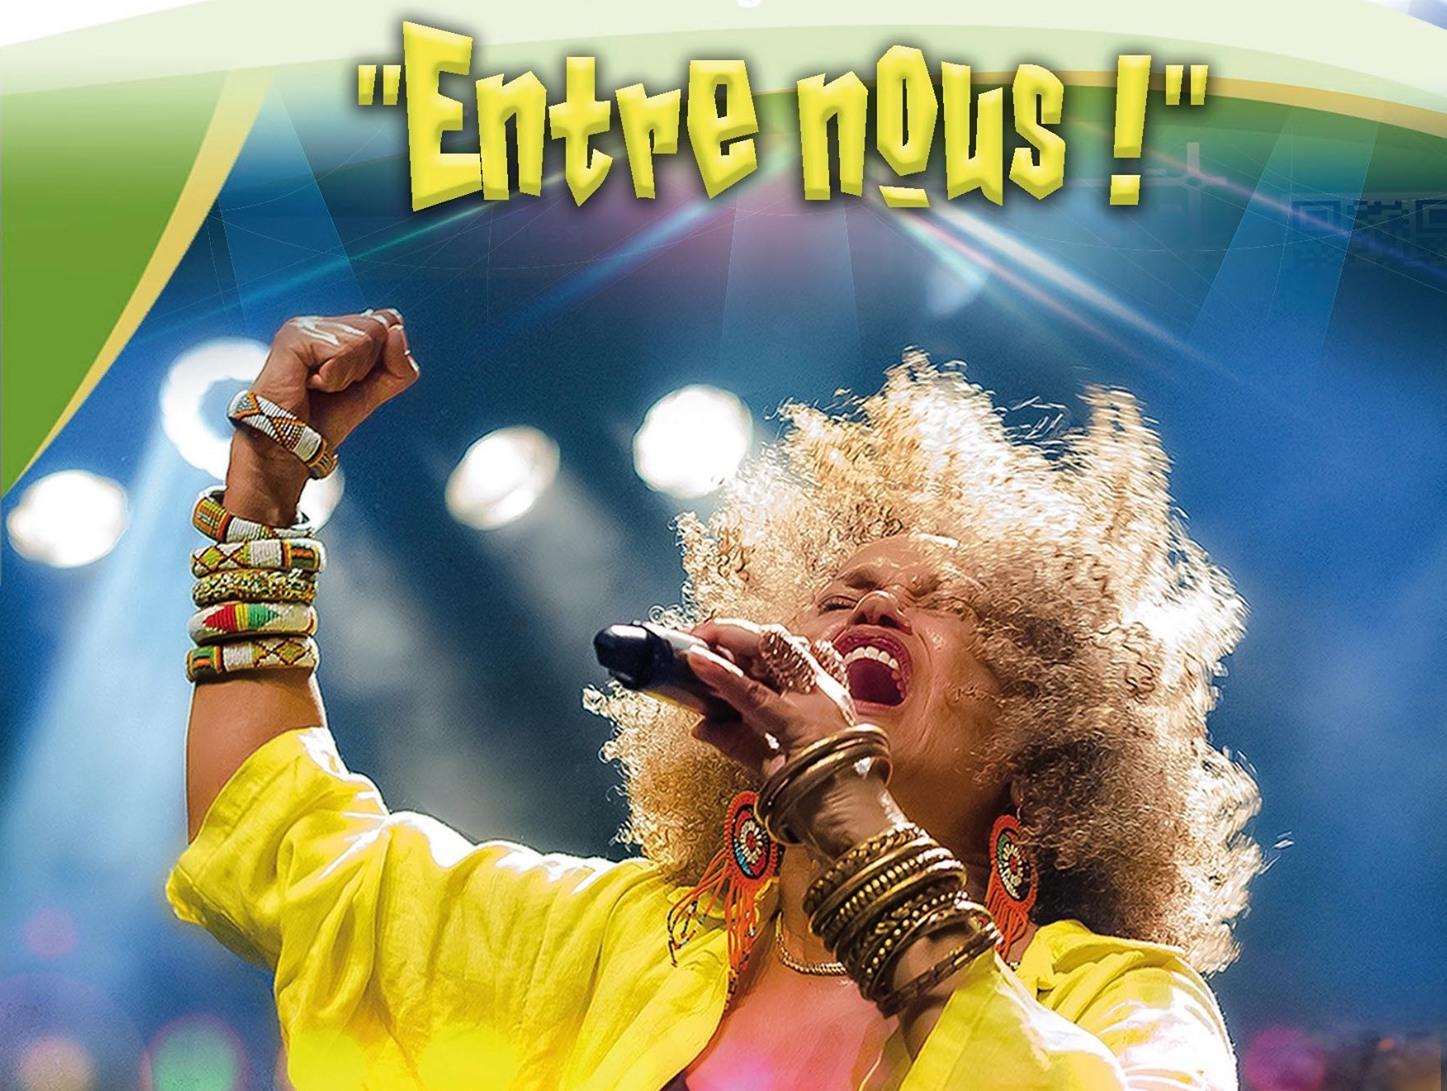 49ème Festival culturel de Fort-de-France : Une édition placée sous le signe de la résistance et de la solidarité intergénérationnelle